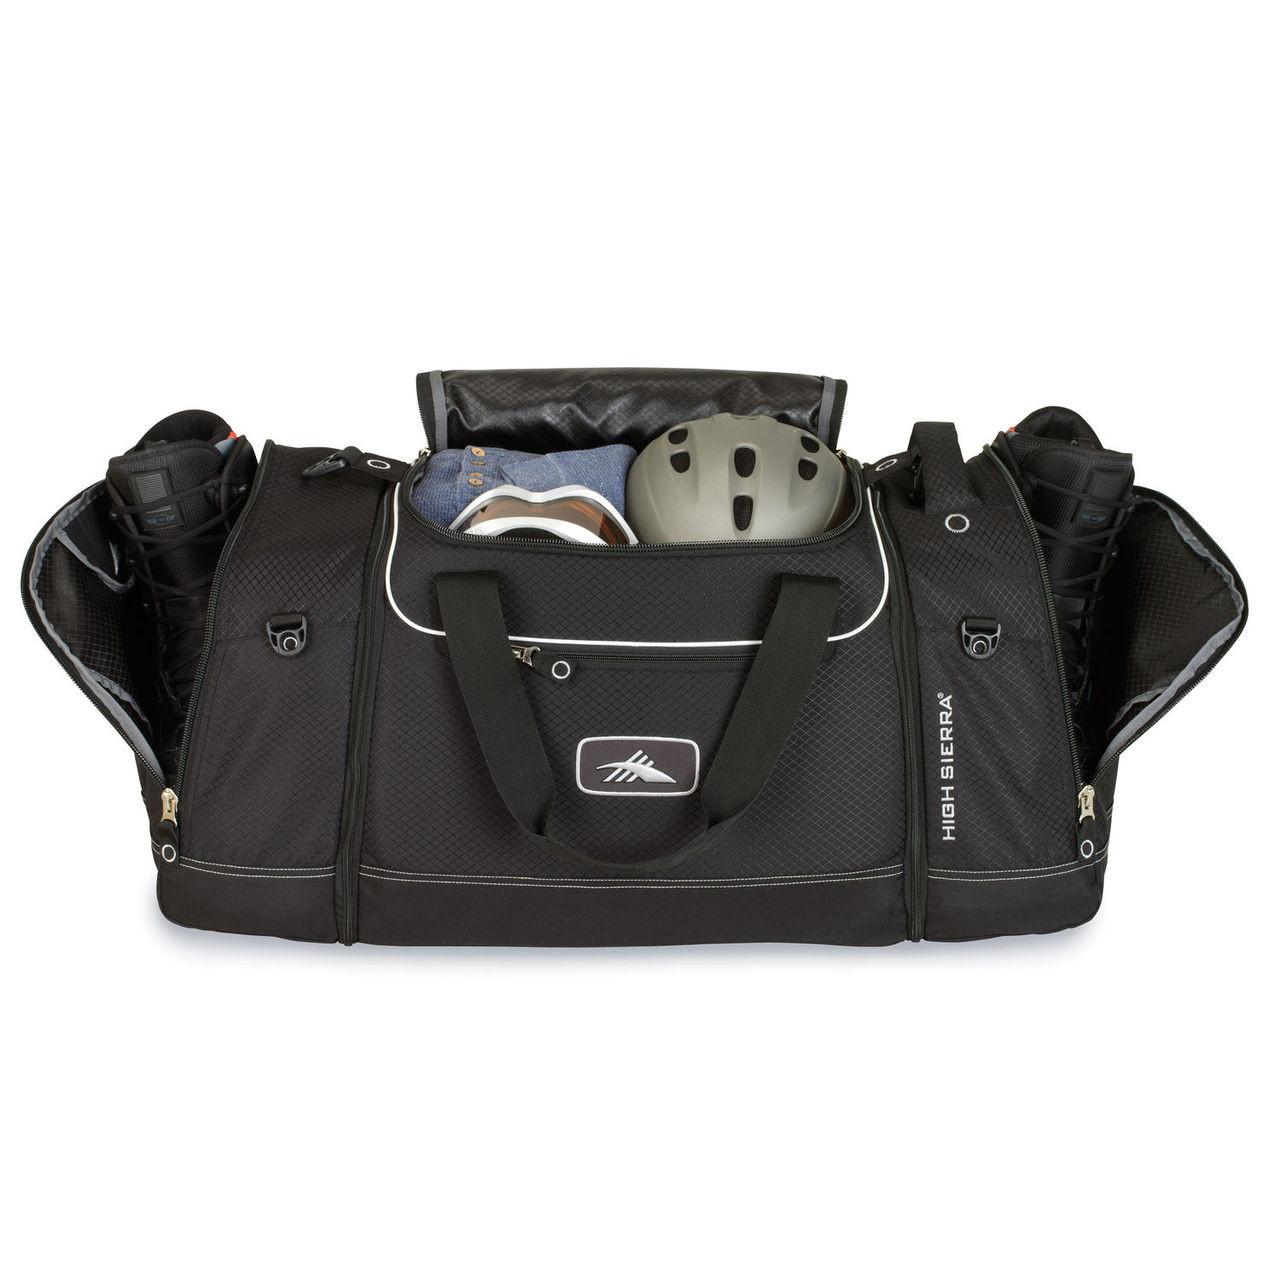 4-in-1 cargo duffel for snowboard gear